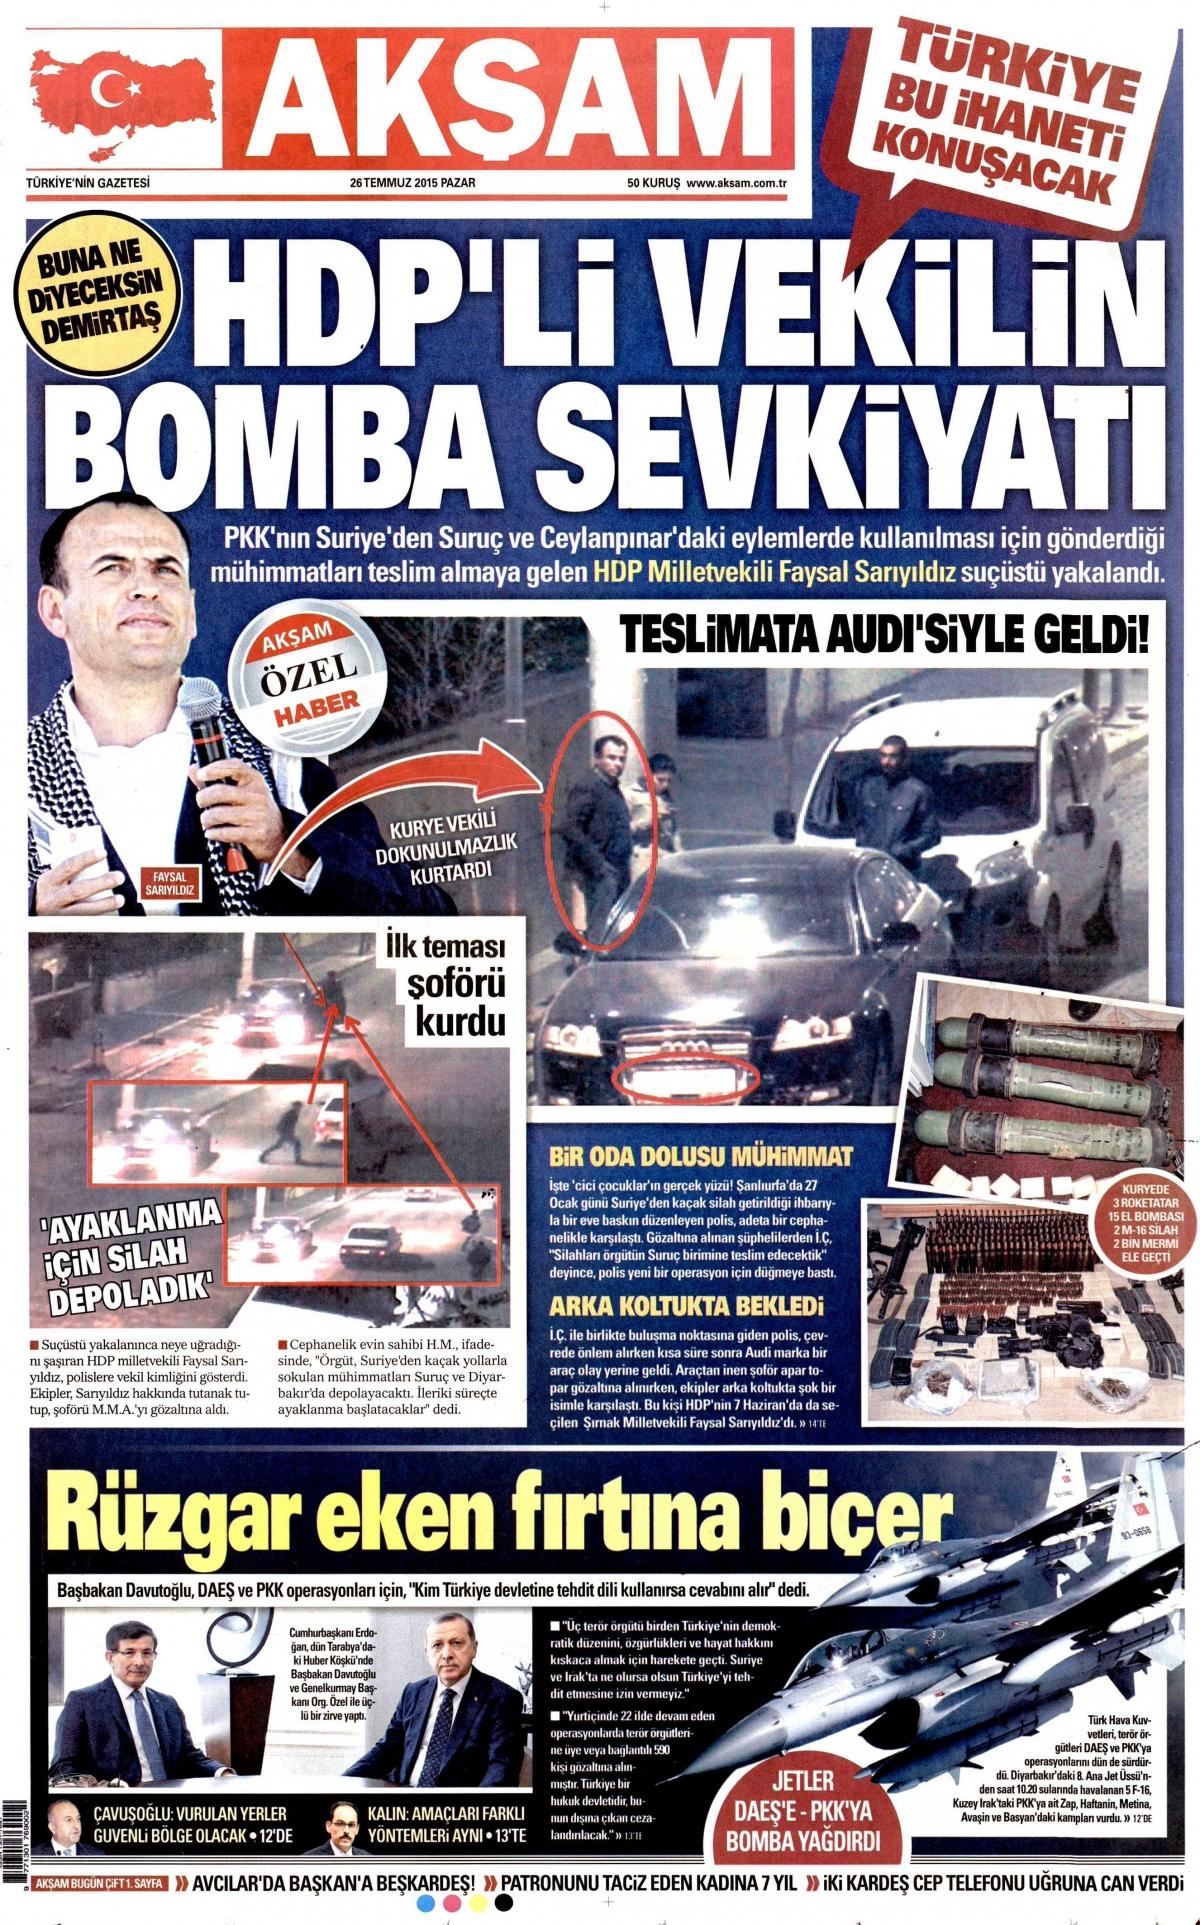 hdp-bomba-sevkiyat-aksam-gazetesi.jpg